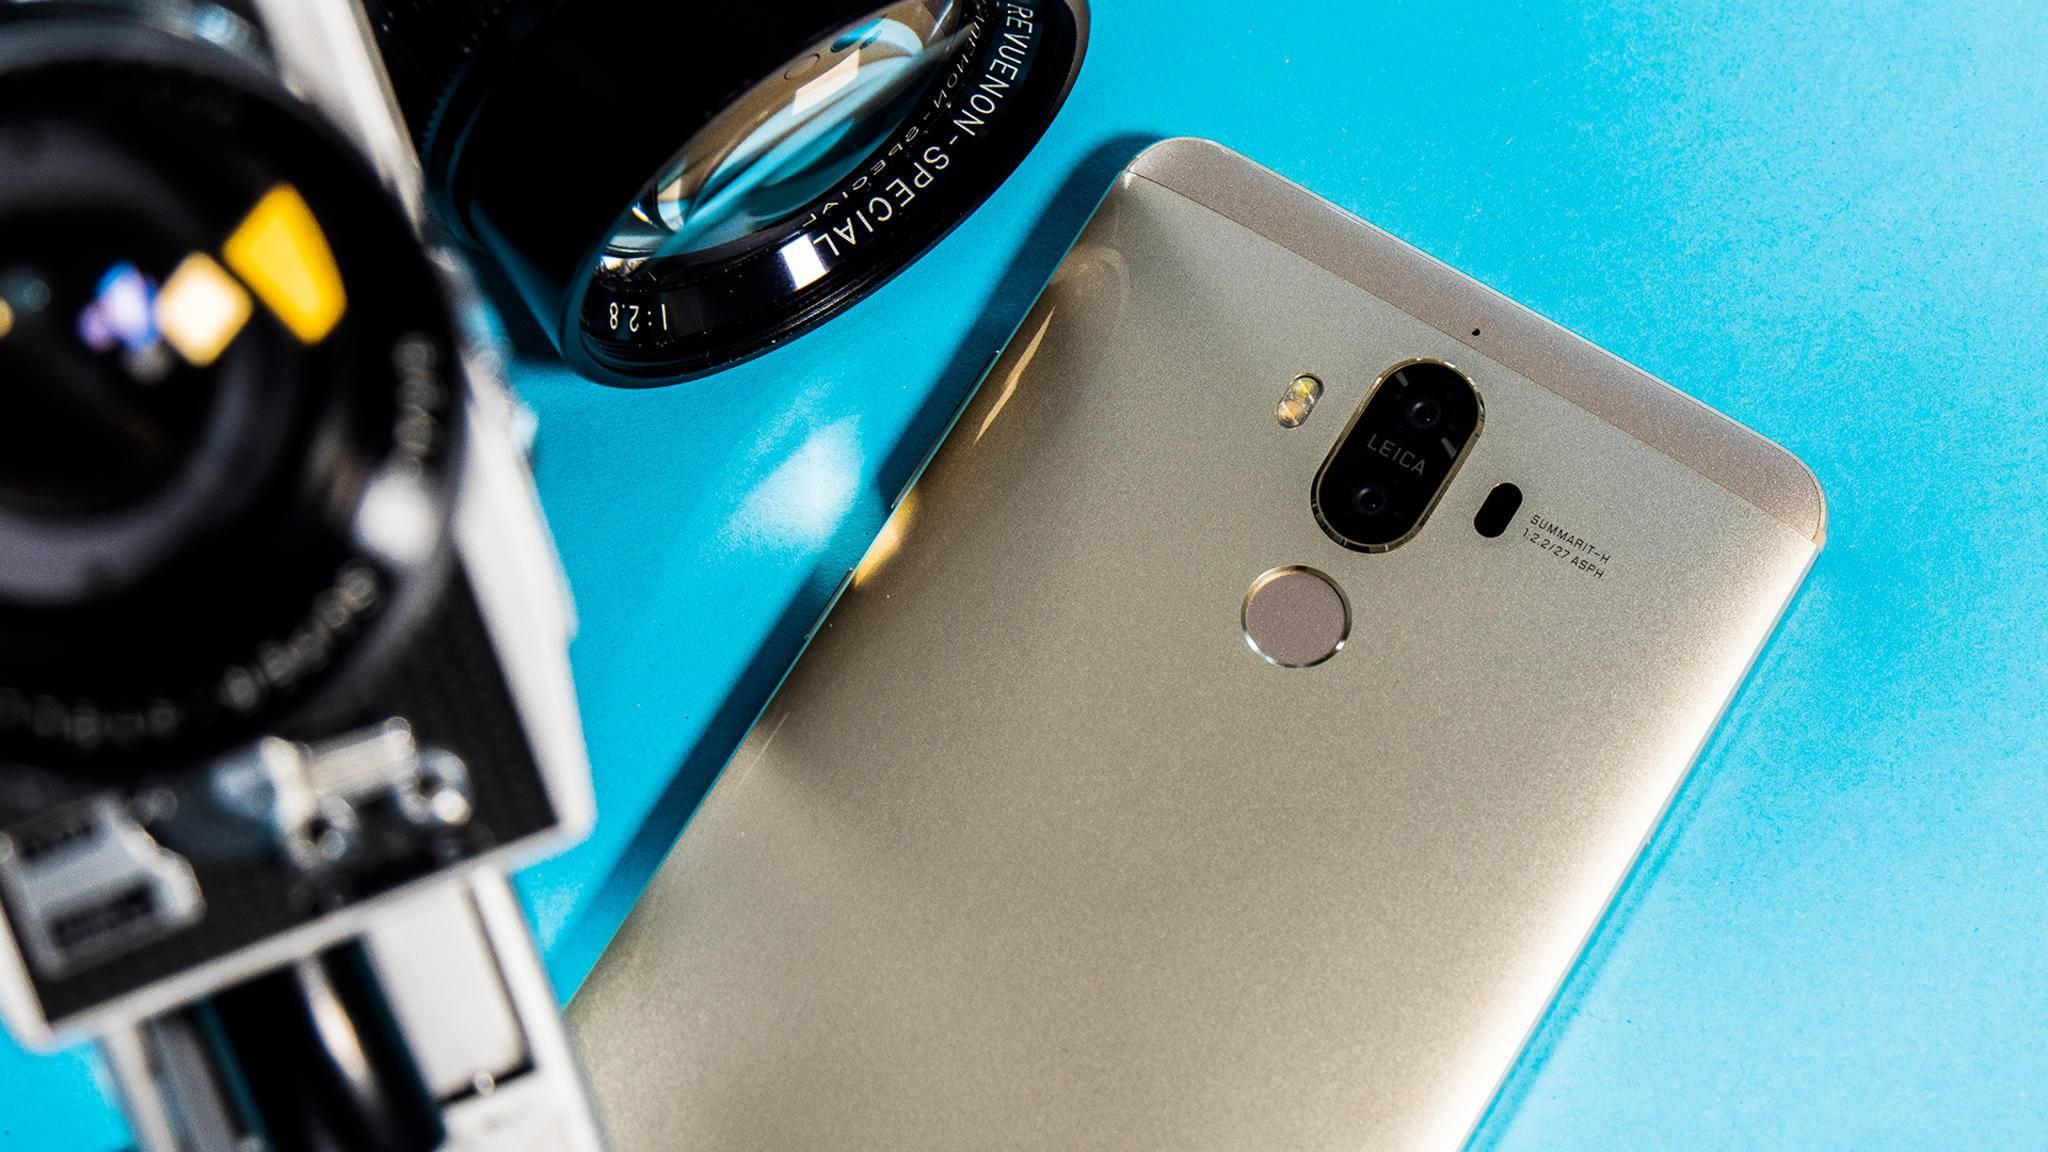 Wie schlägt sich das Mate 9 im Kameravergleich mit dem iPhone 7 Plus?